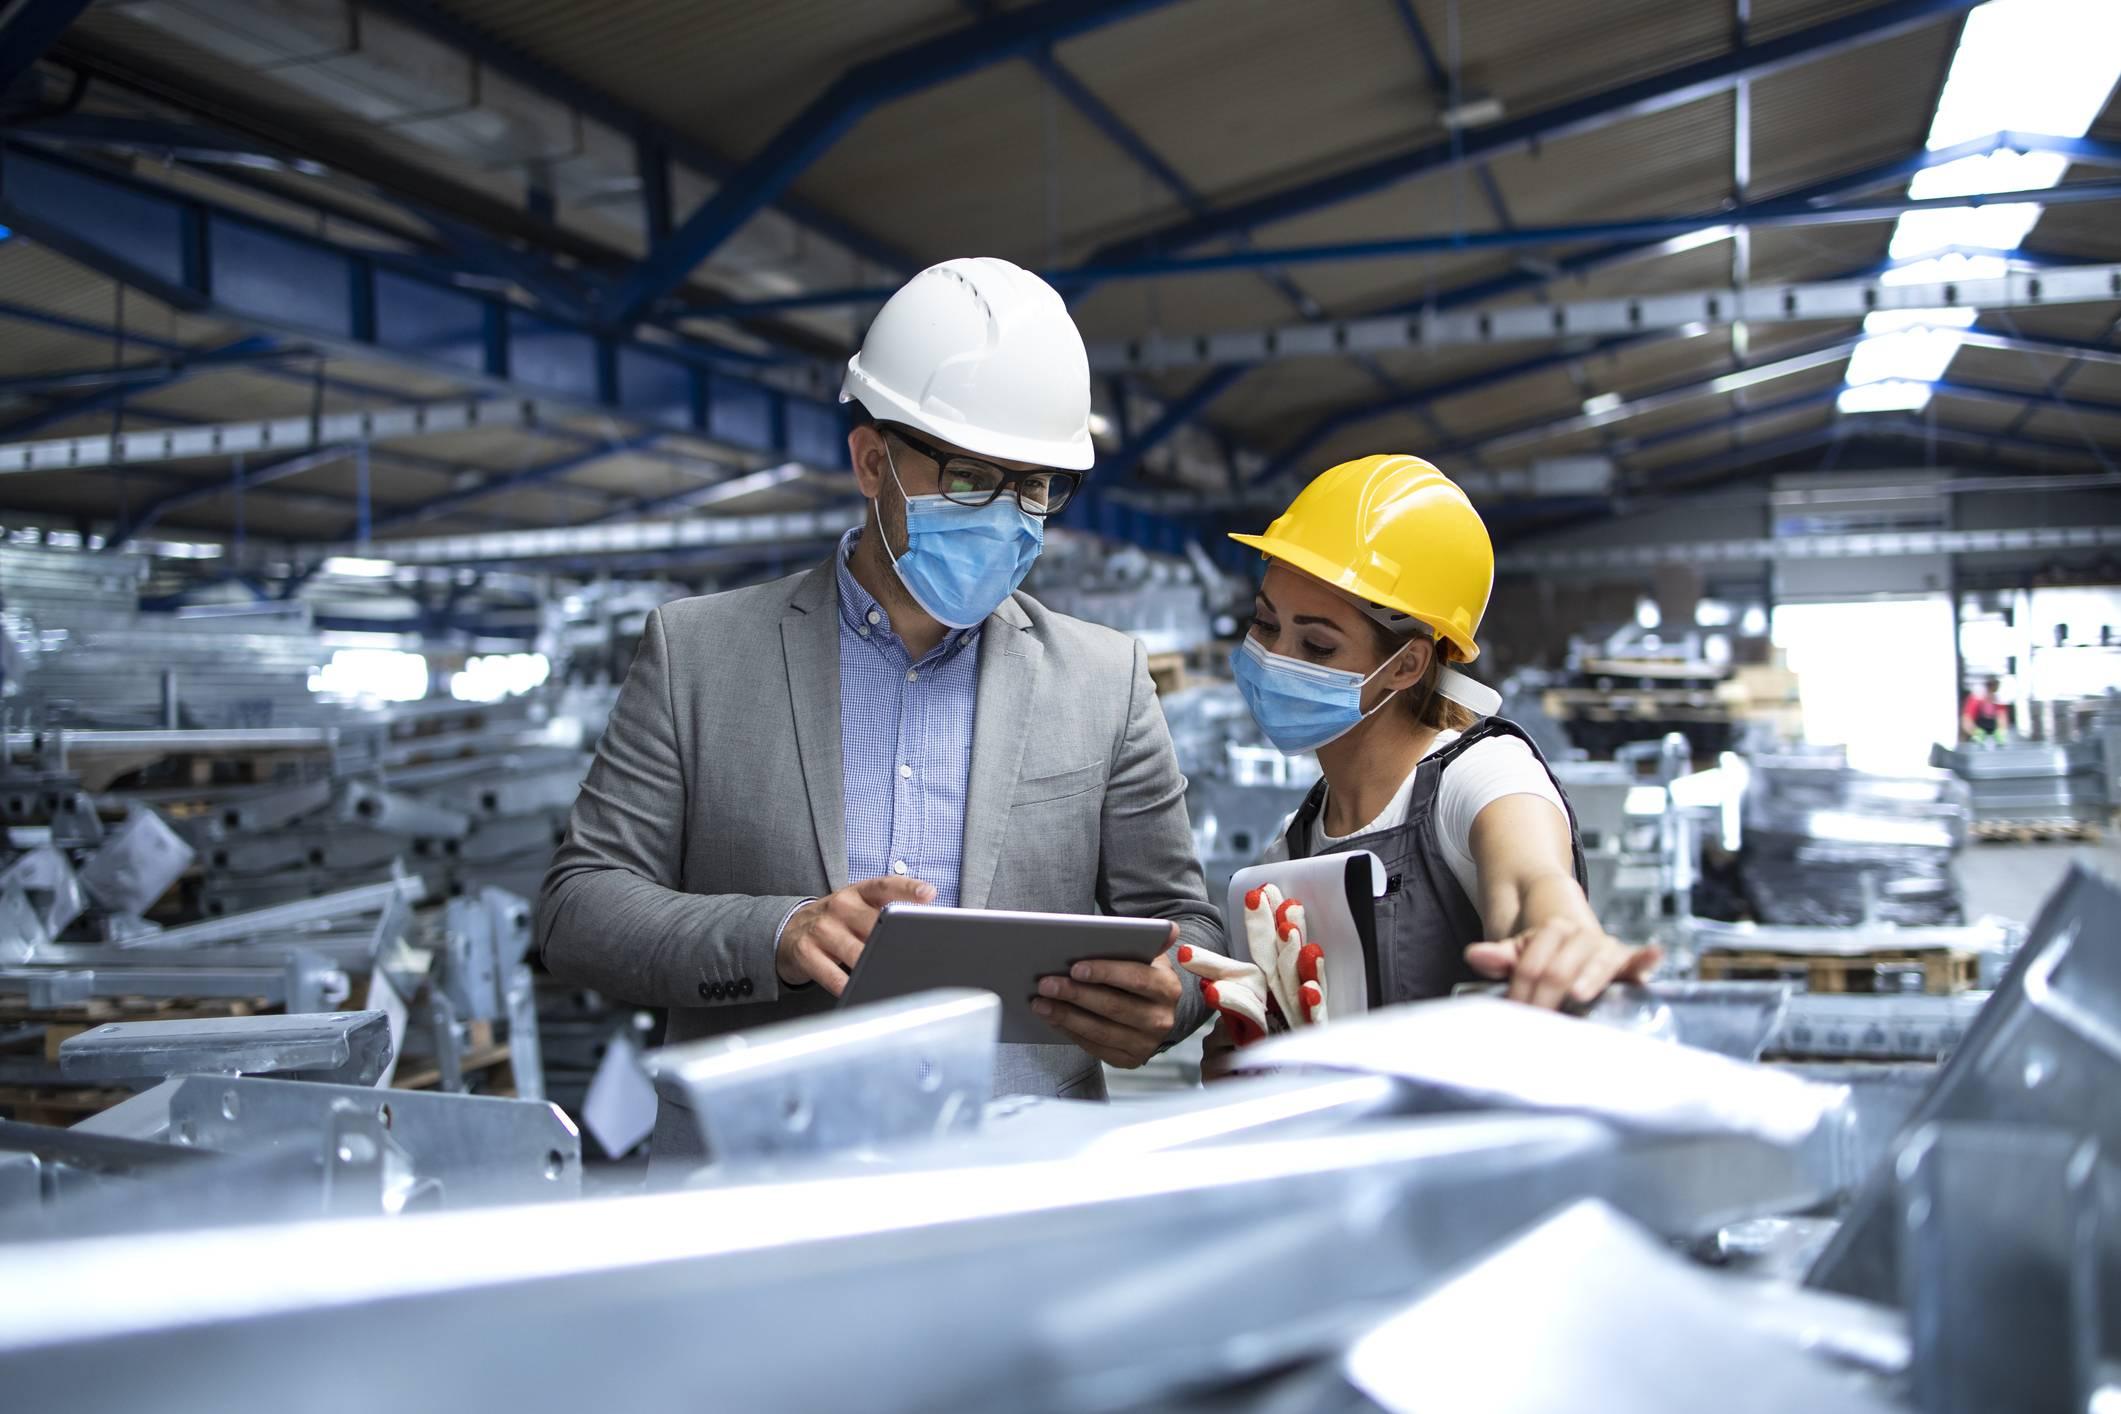 Déménagement d'usine : comment le préparer ?